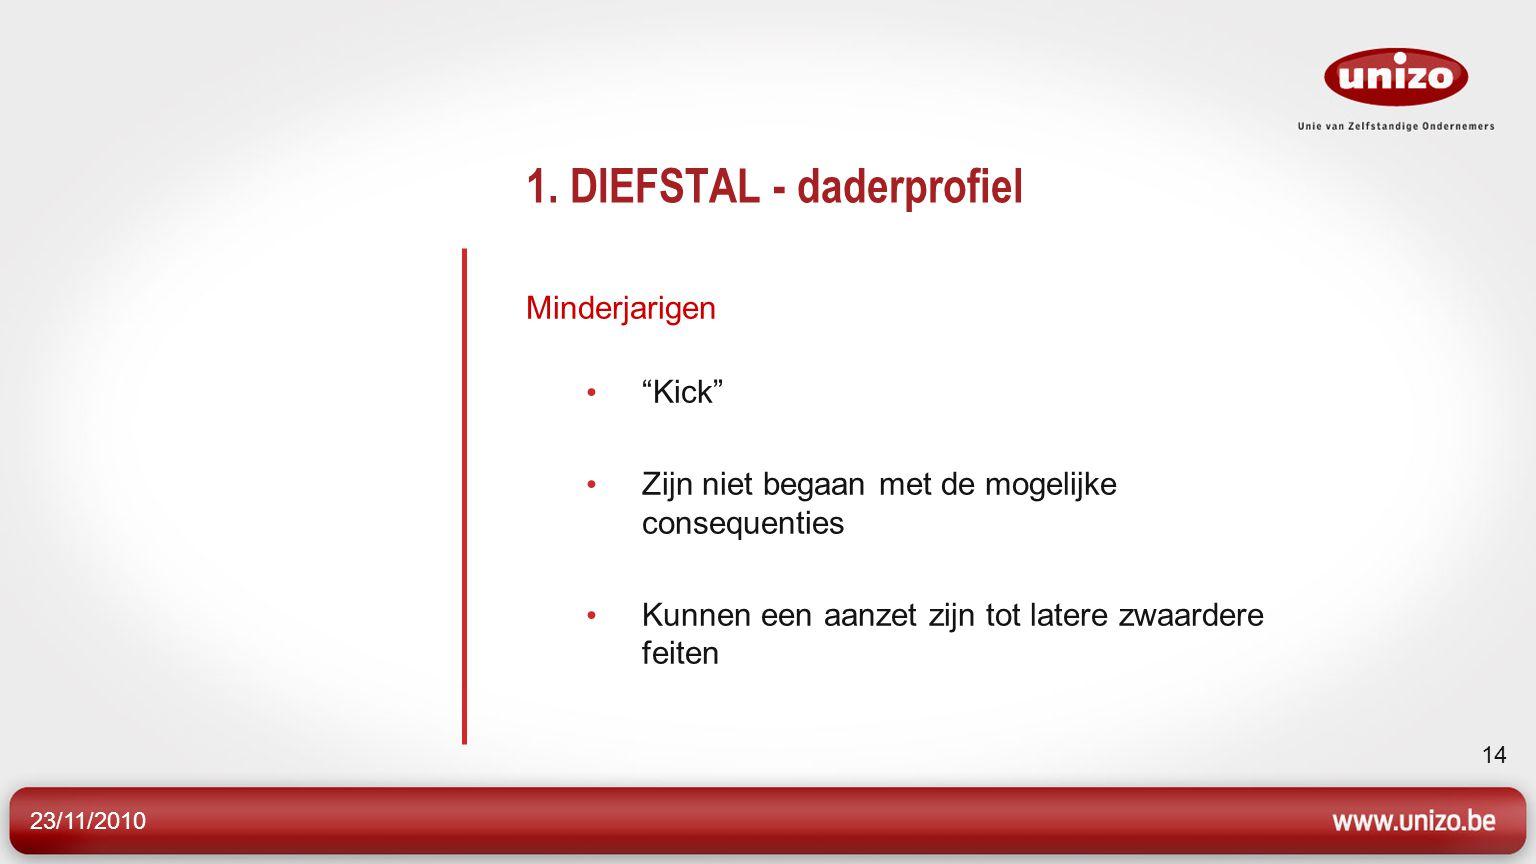 """23/11/2010 14 1. DIEFSTAL - daderprofiel Minderjarigen """"Kick"""" Zijn niet begaan met de mogelijke consequenties Kunnen een aanzet zijn tot latere zwaard"""